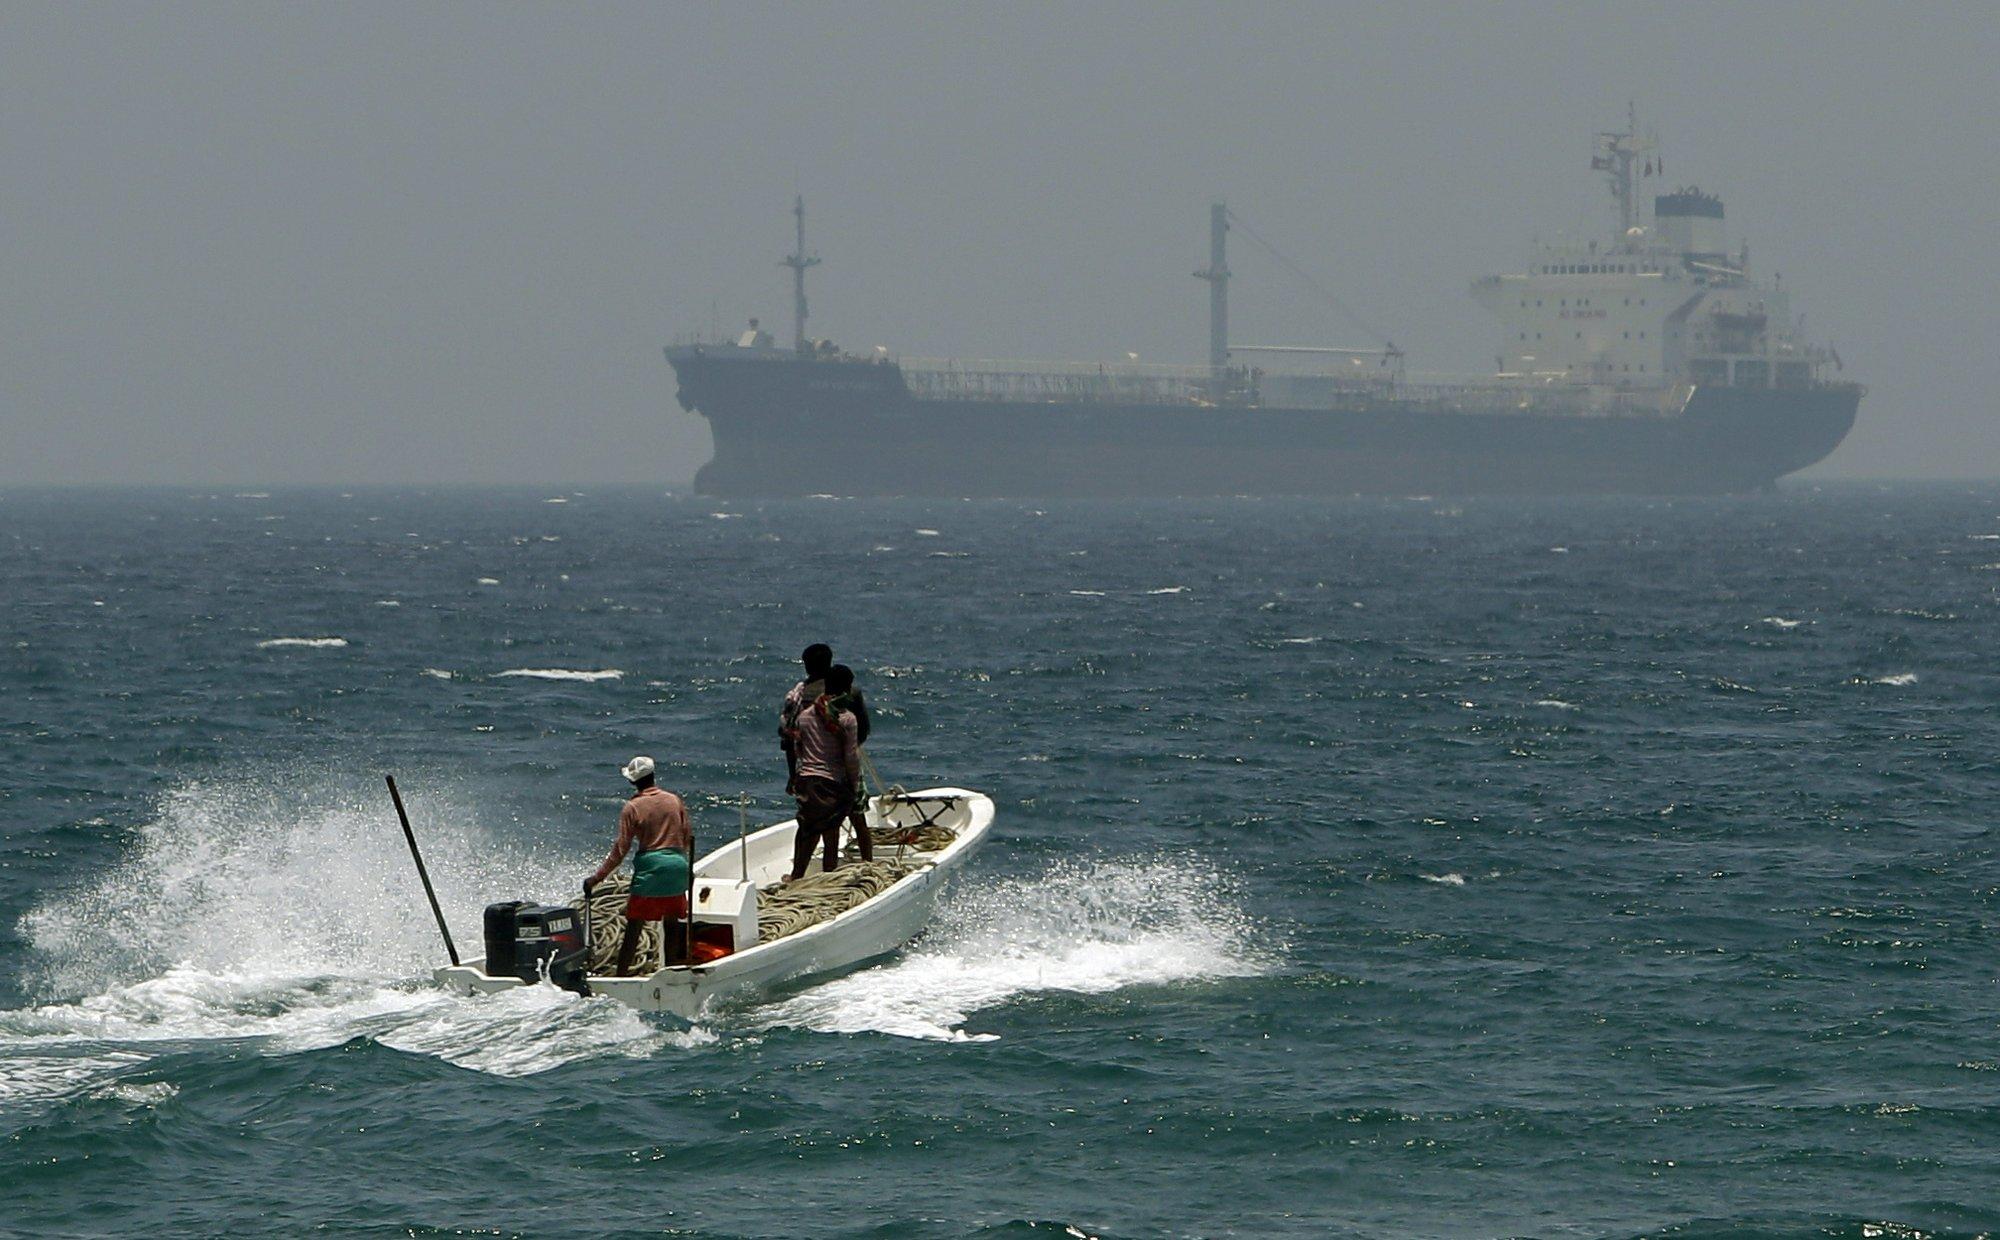 阿联酋海域有4艘商船遇袭。图片